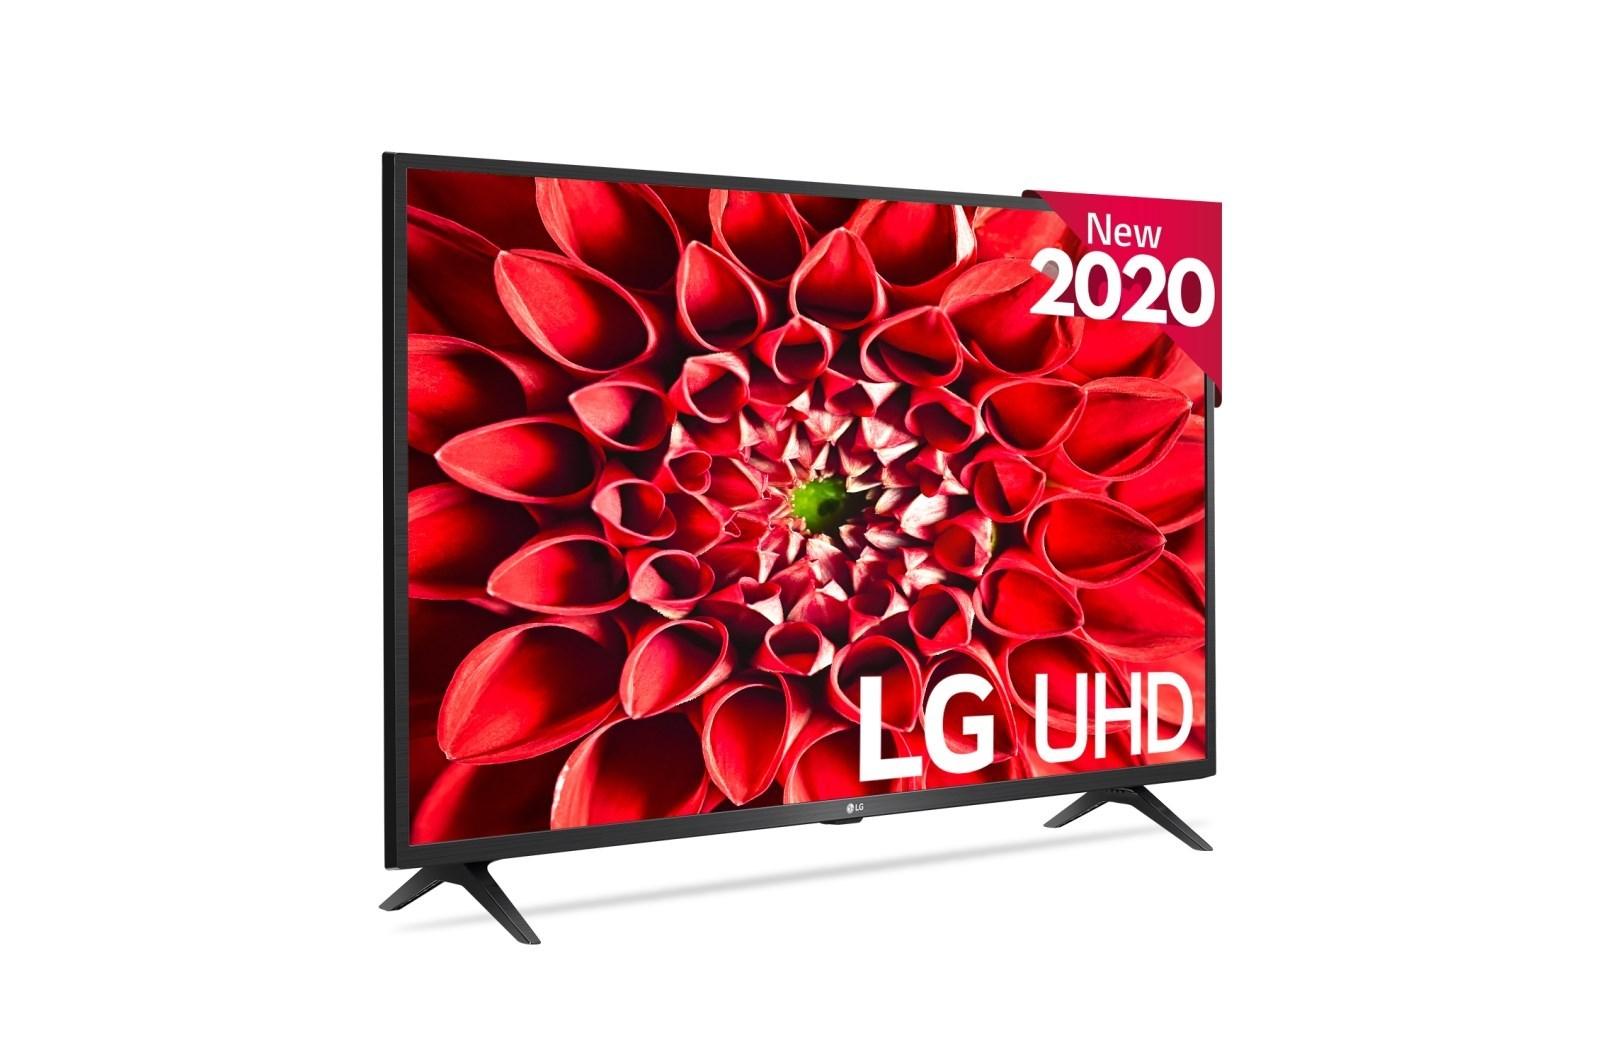 43UN73006LC - TELEVISION 43' LG 43UN73006LC 4K HDR SMART TV THINQ IA